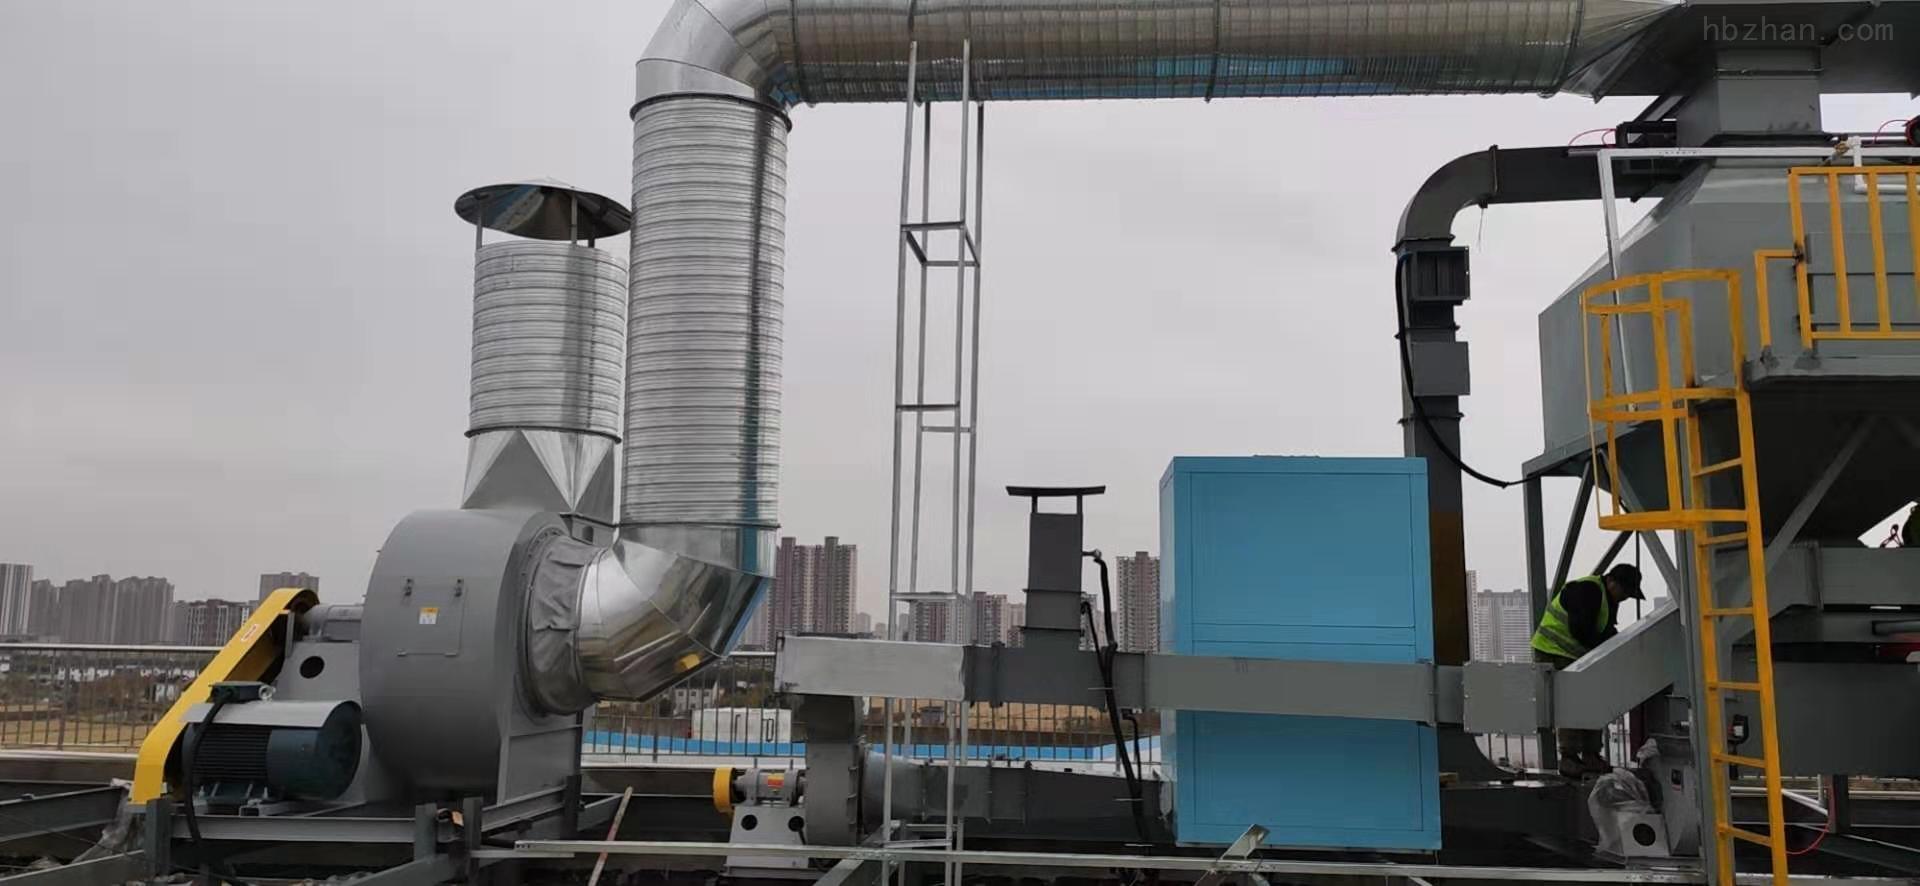 蚌埠催化燃烧炉生产厂家